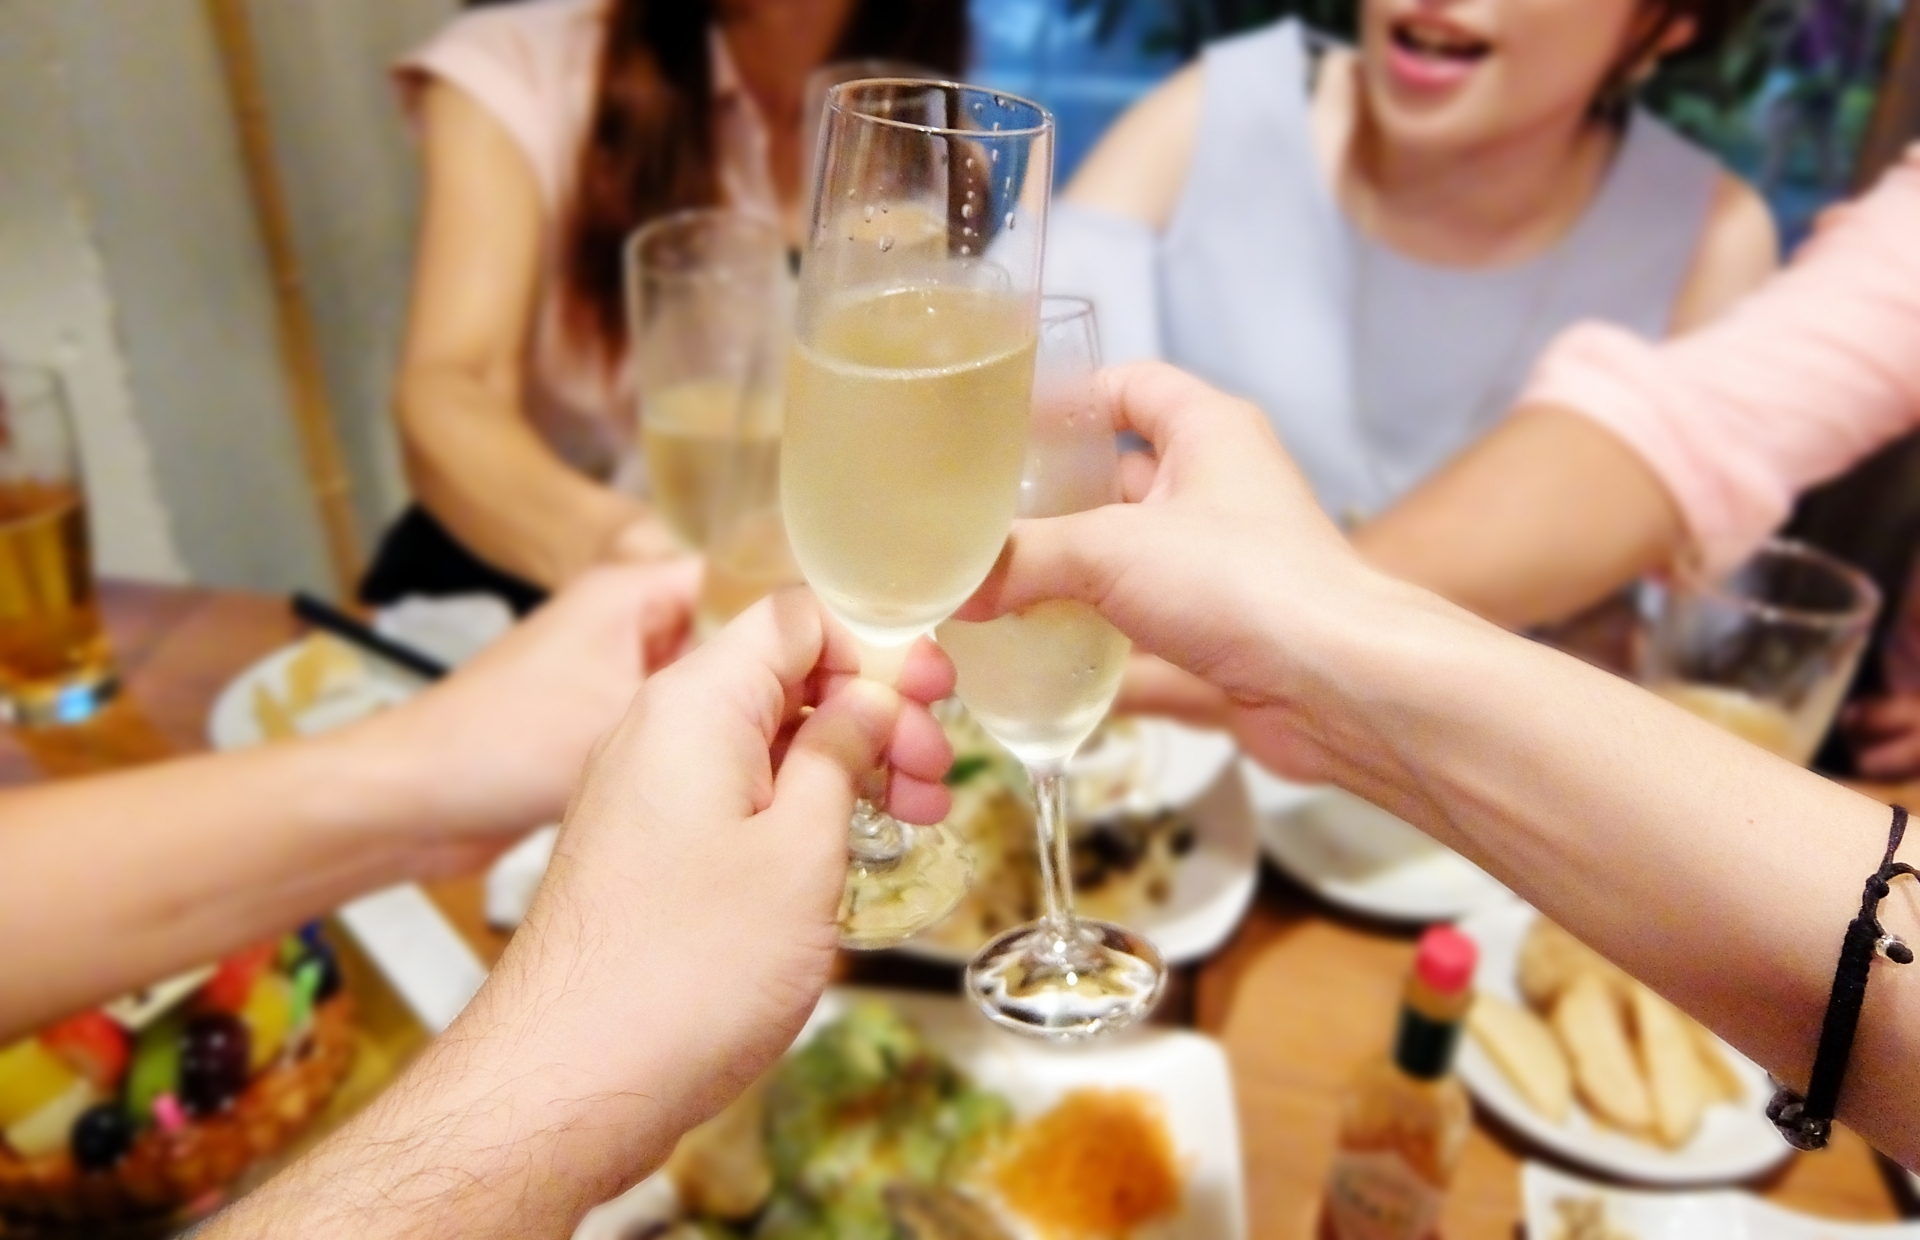 川崎の昼飲みおすすめスポット23選!安い居酒屋や女子から人気のおしゃれな店も